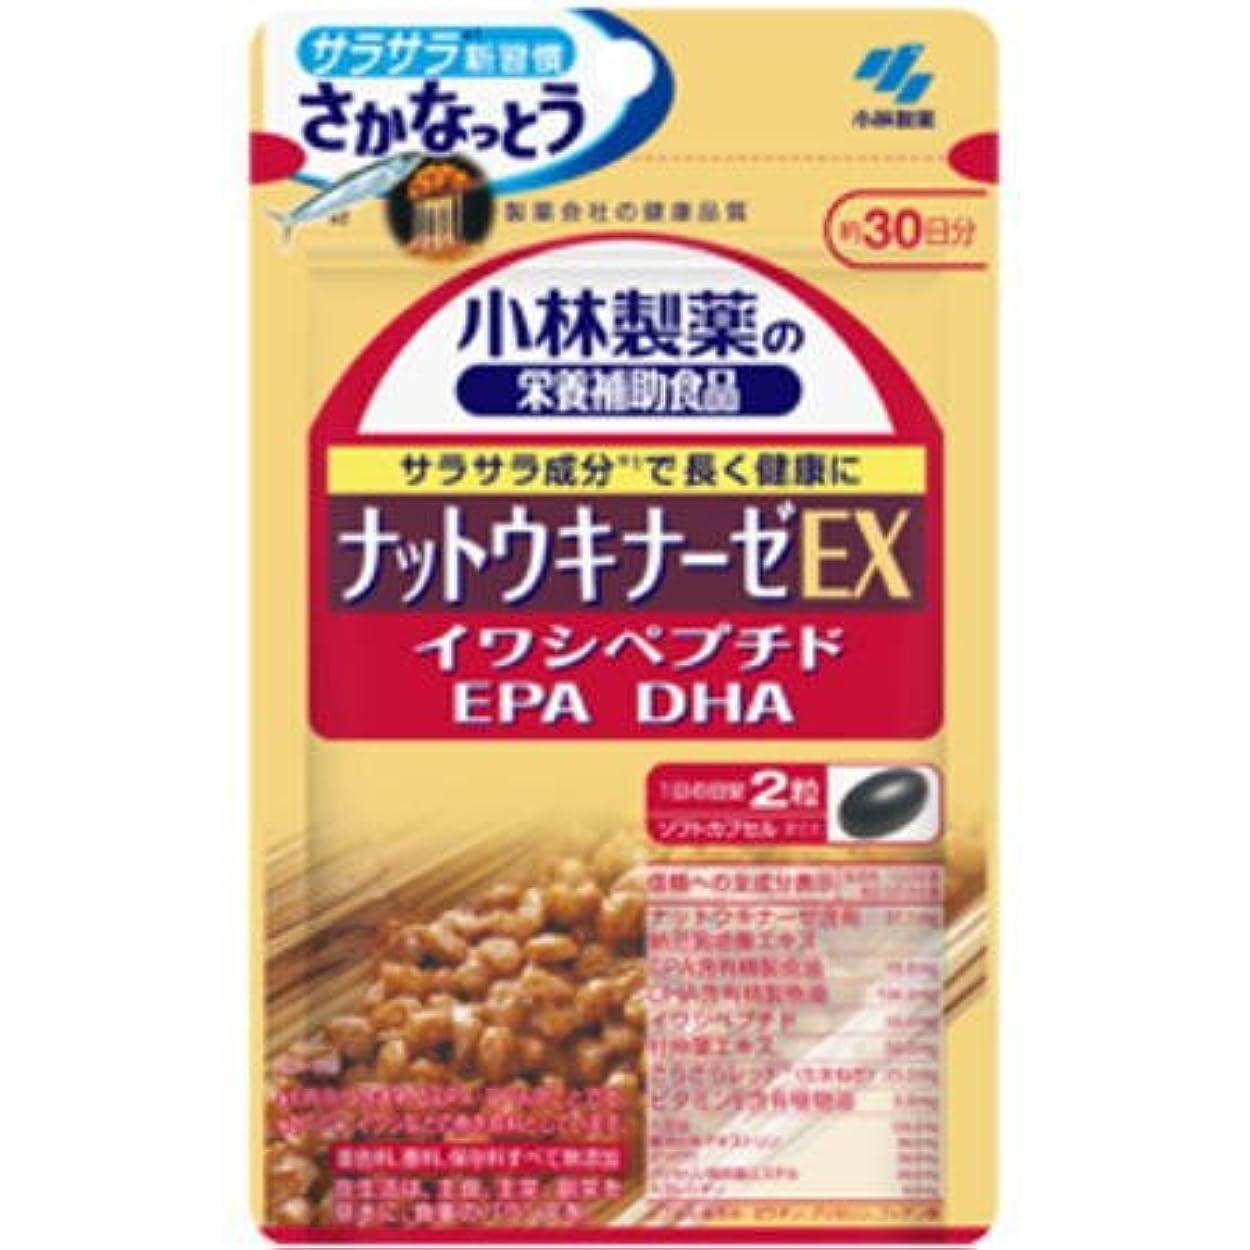 トランジスタとても二層小林製薬 ナットウキナーゼ EX 60粒【ネコポス発送】